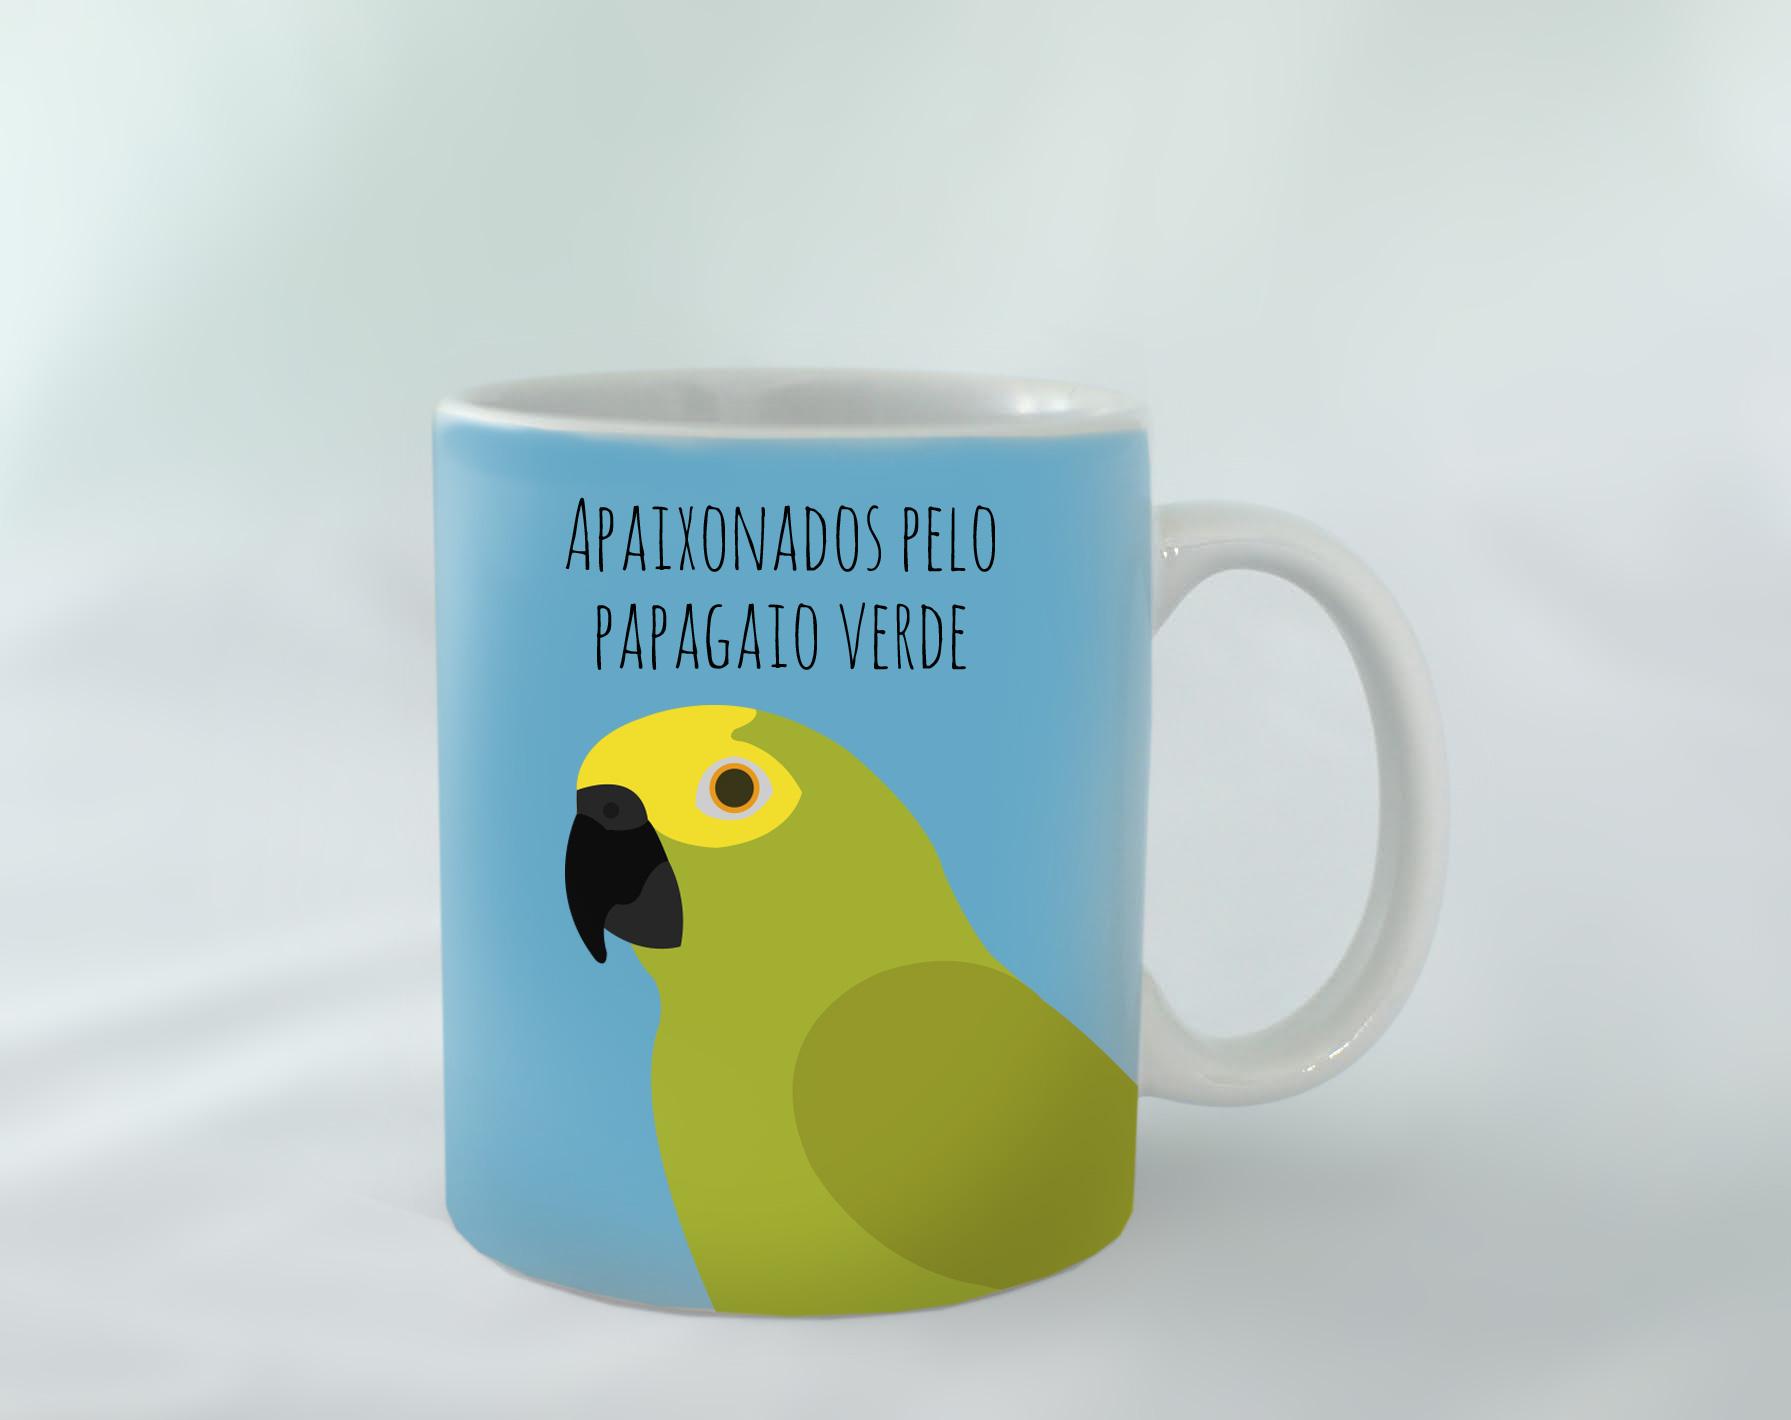 Caneca-papagaio-verde-azul